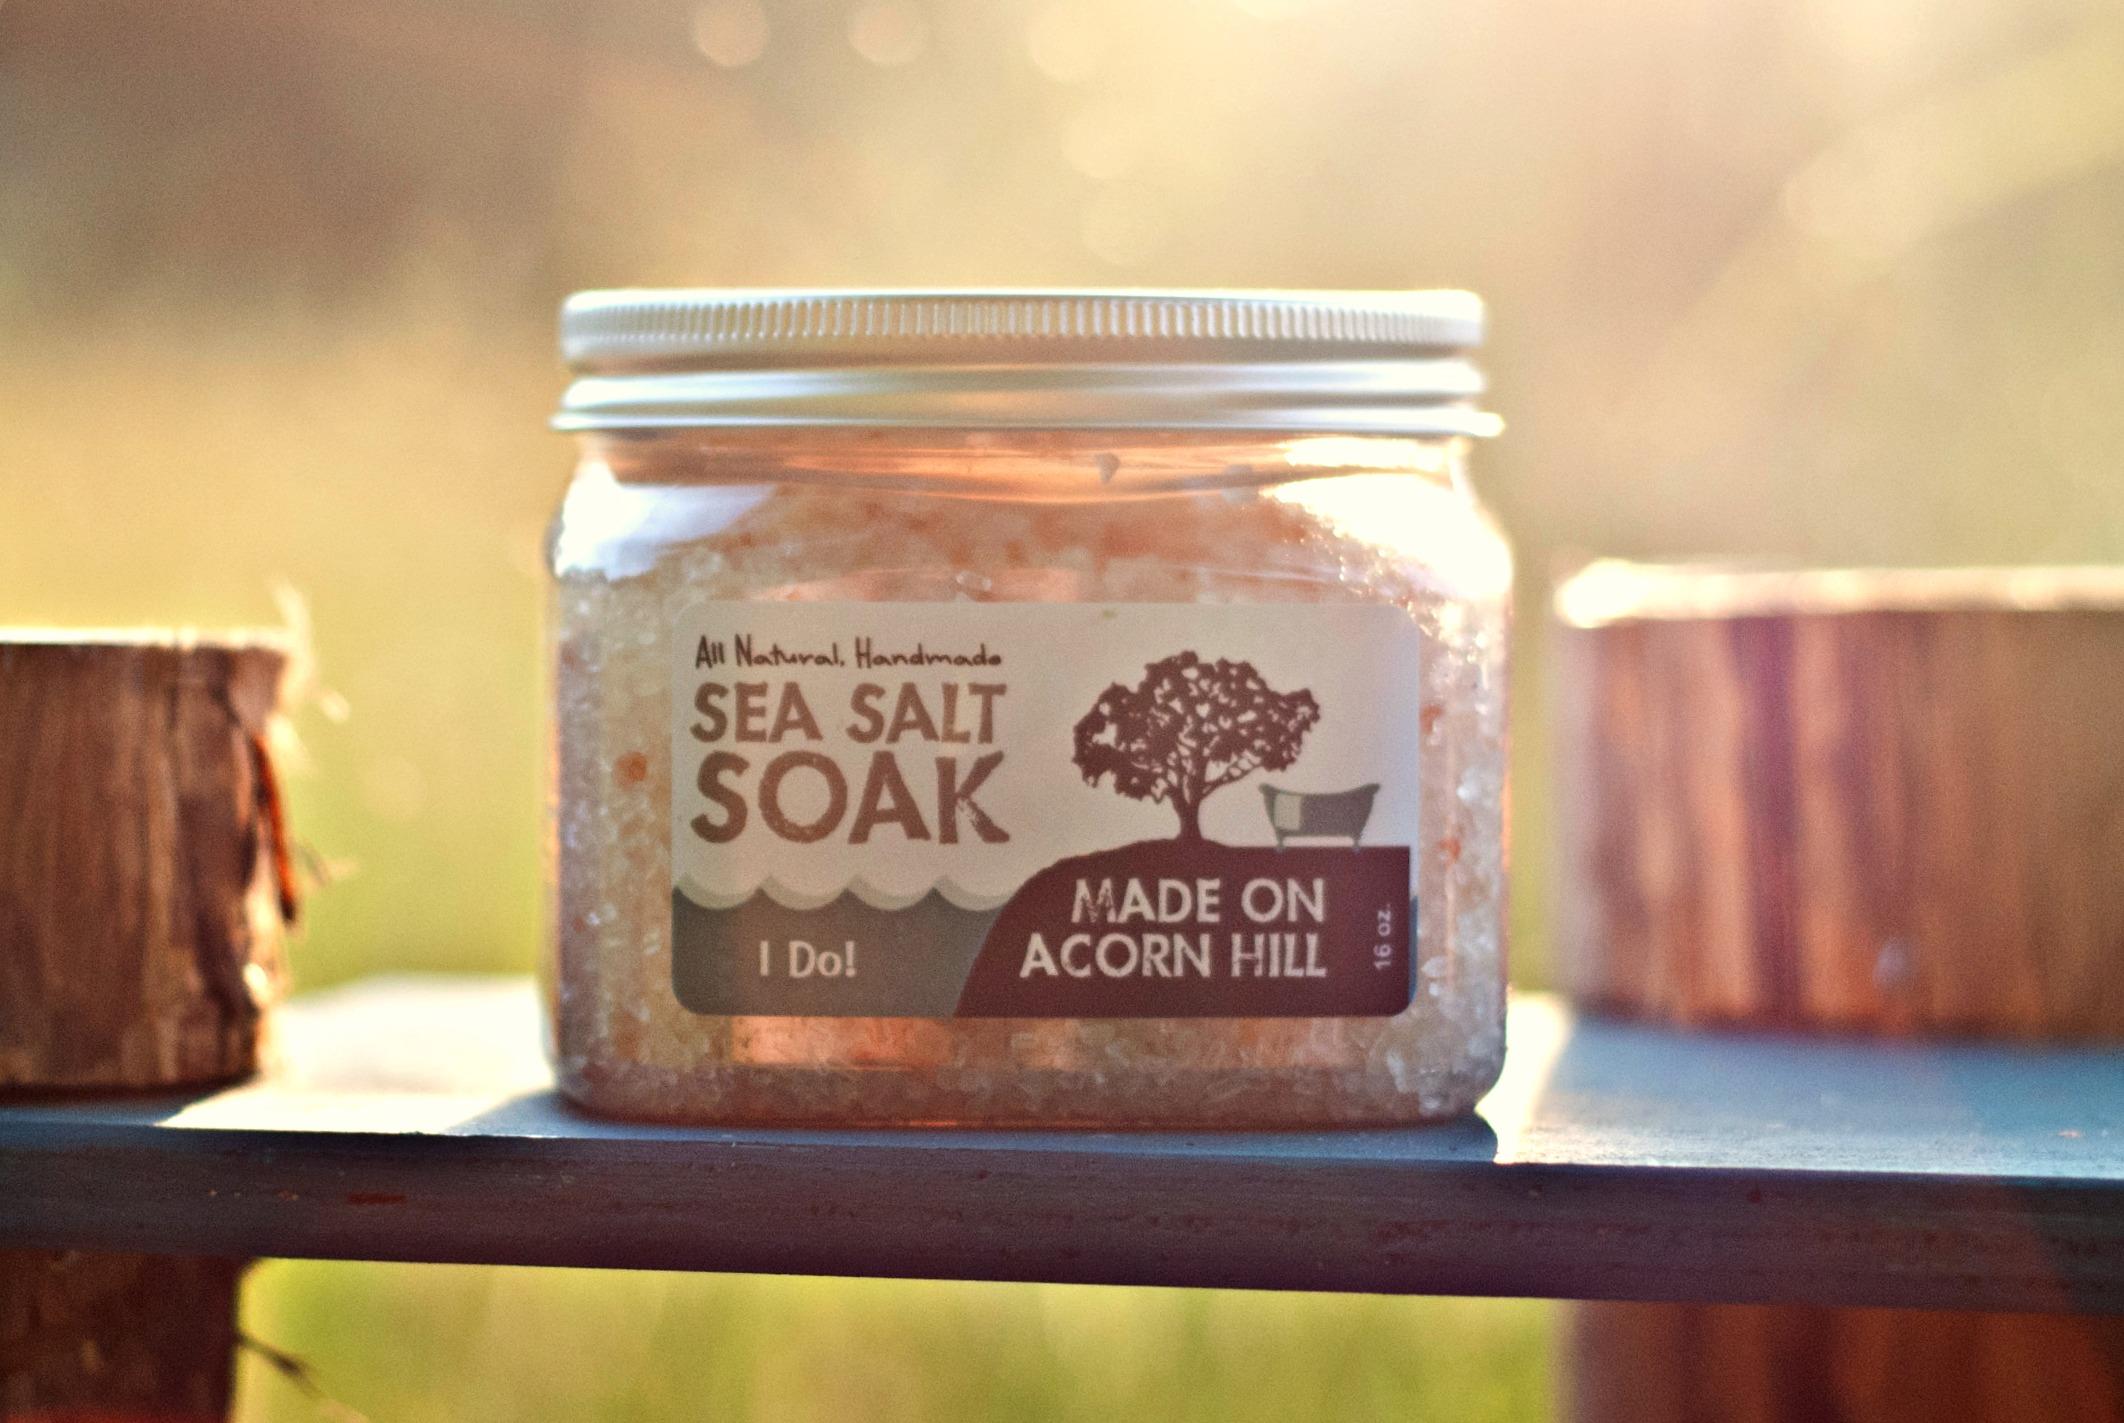 Made on Acorn Hill Sea Salt Soak